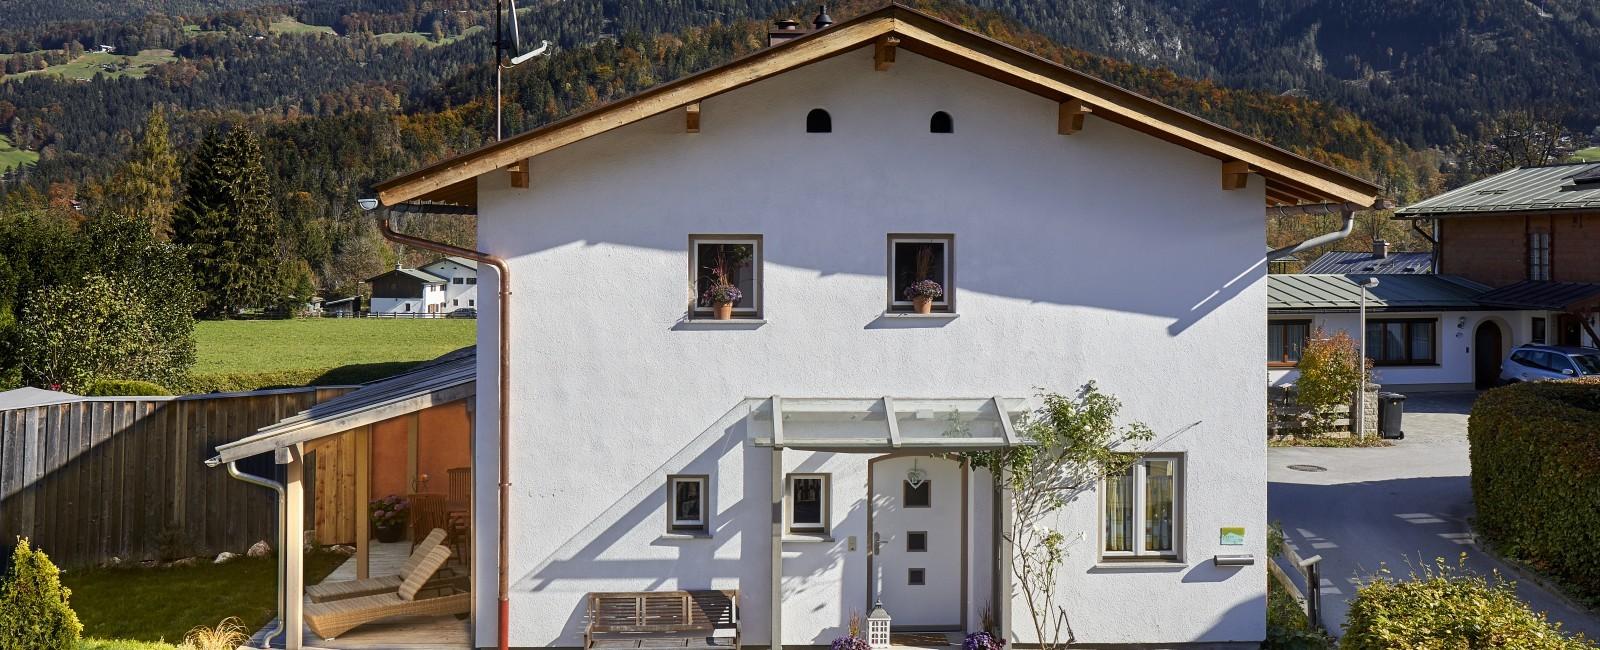 Ferienhaus Am Königssee und Watzmann